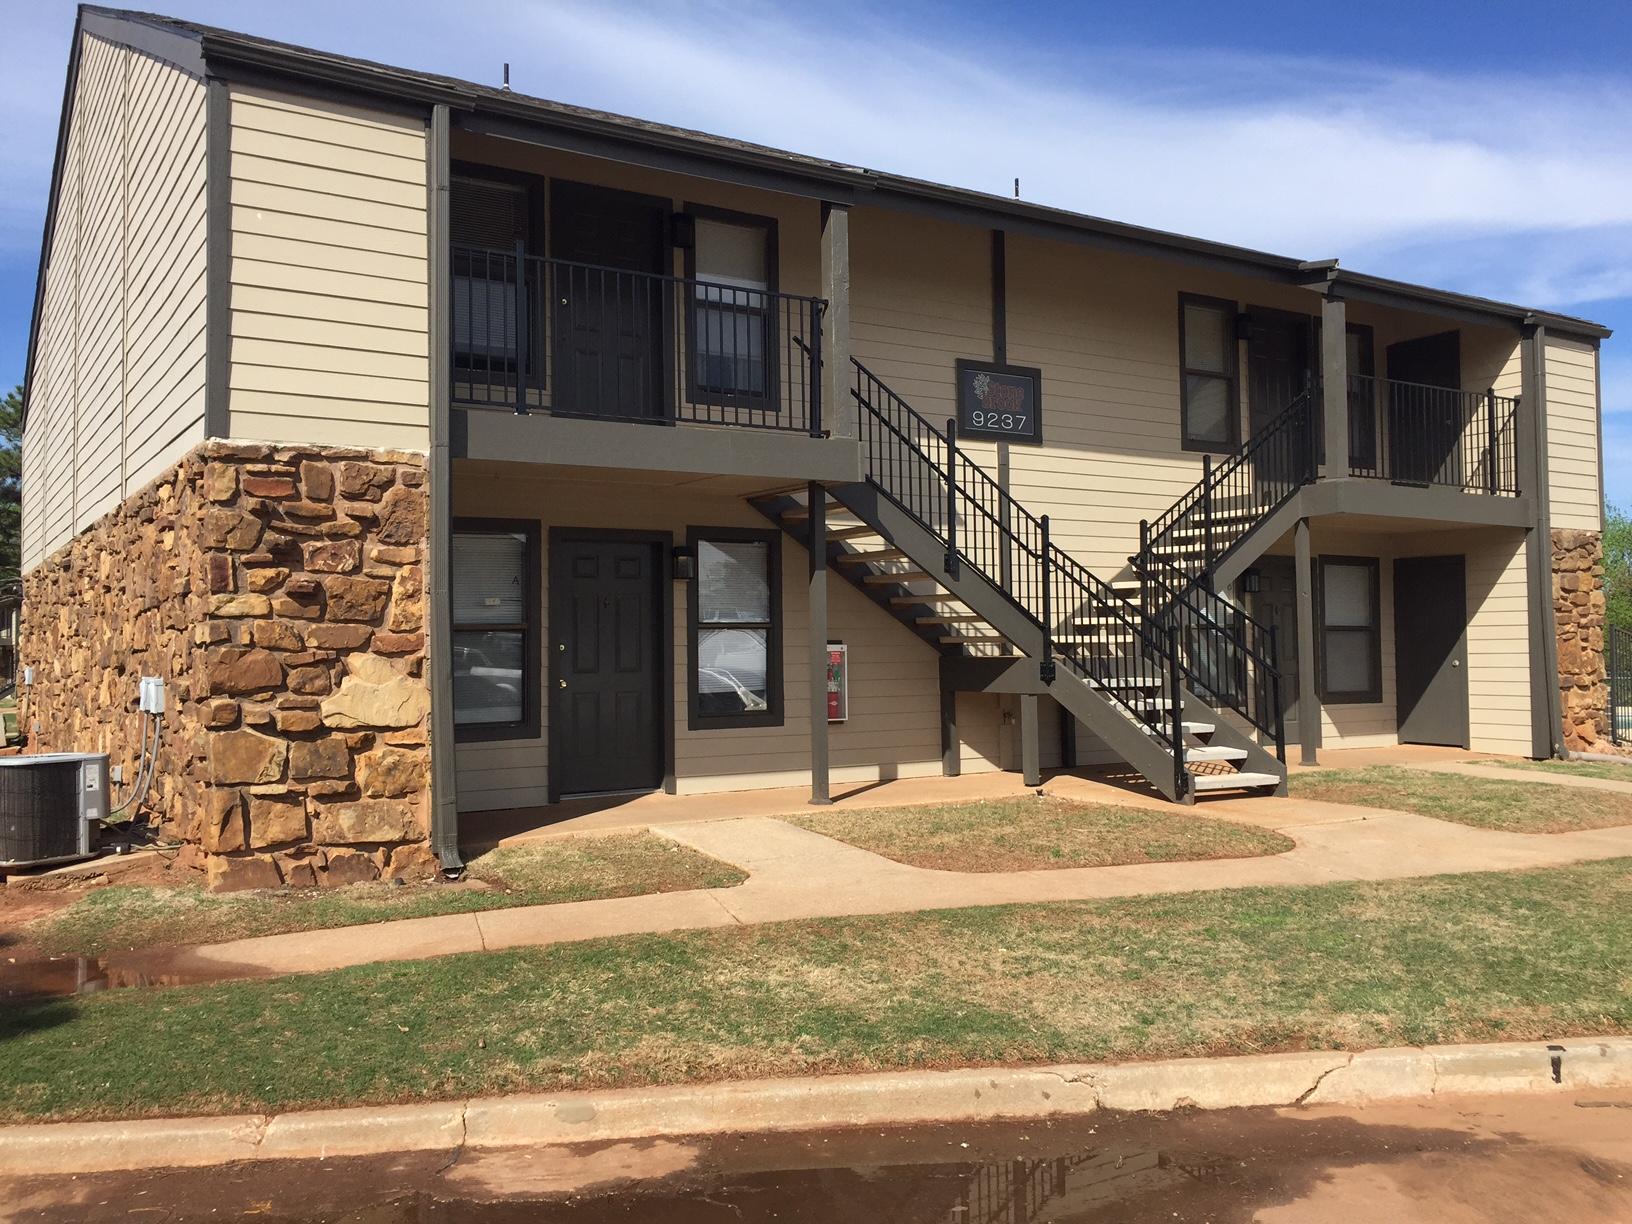 Apartments in Oklahoma City